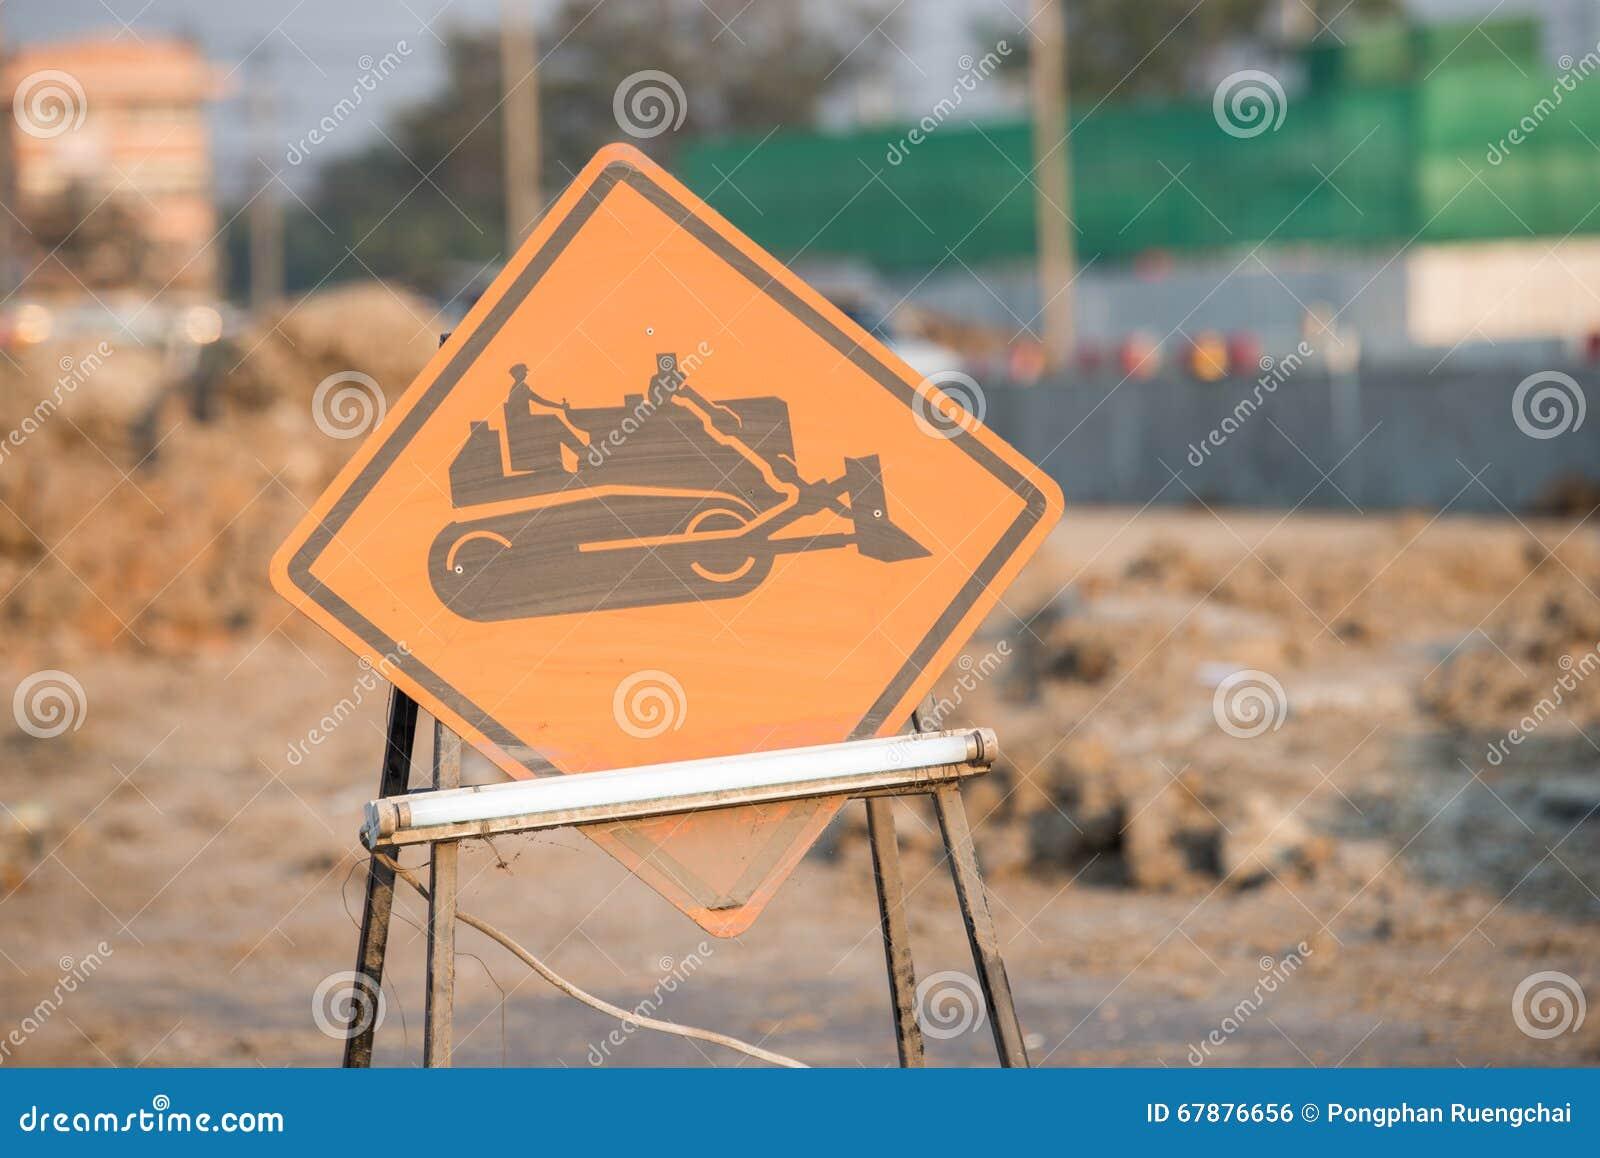 Warnzeichen von Baumaschinen